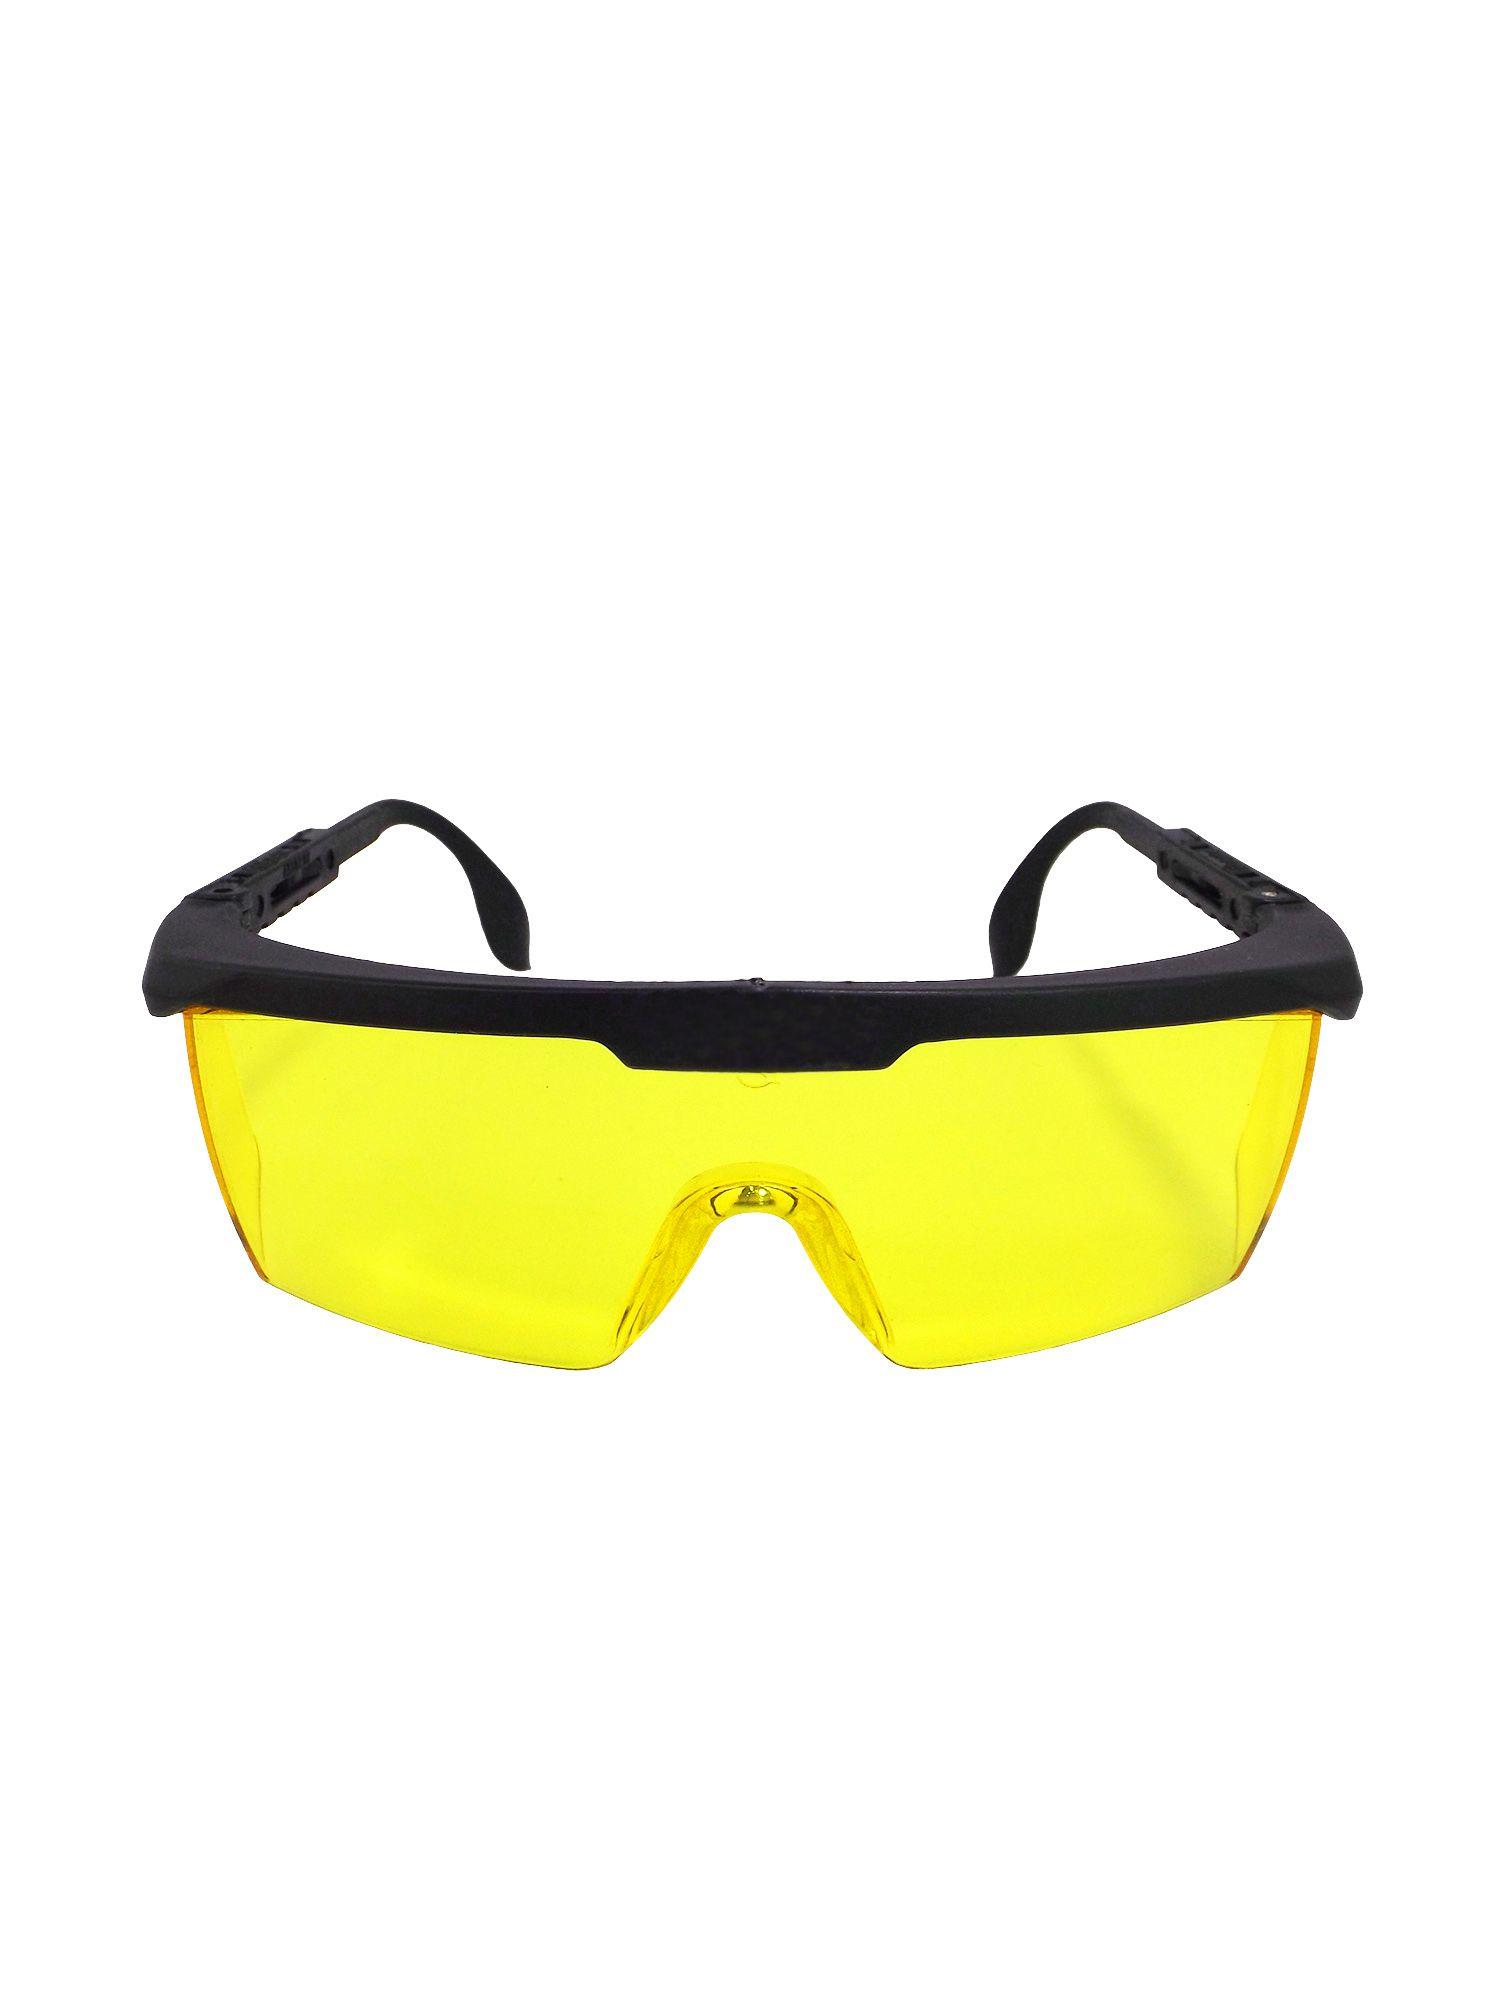 Óculos De Proteção Kalipso Rio de Janeiro - Jaguar Amarelo